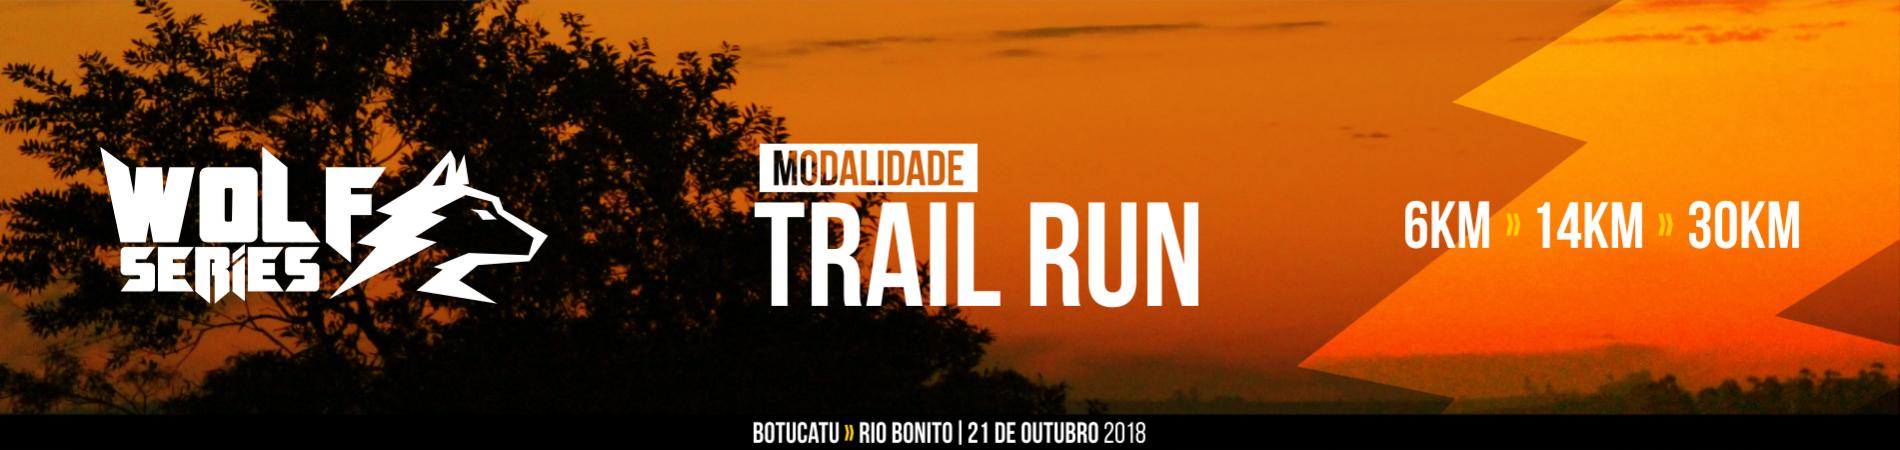 4ª WOLF SERIES - Trail Run